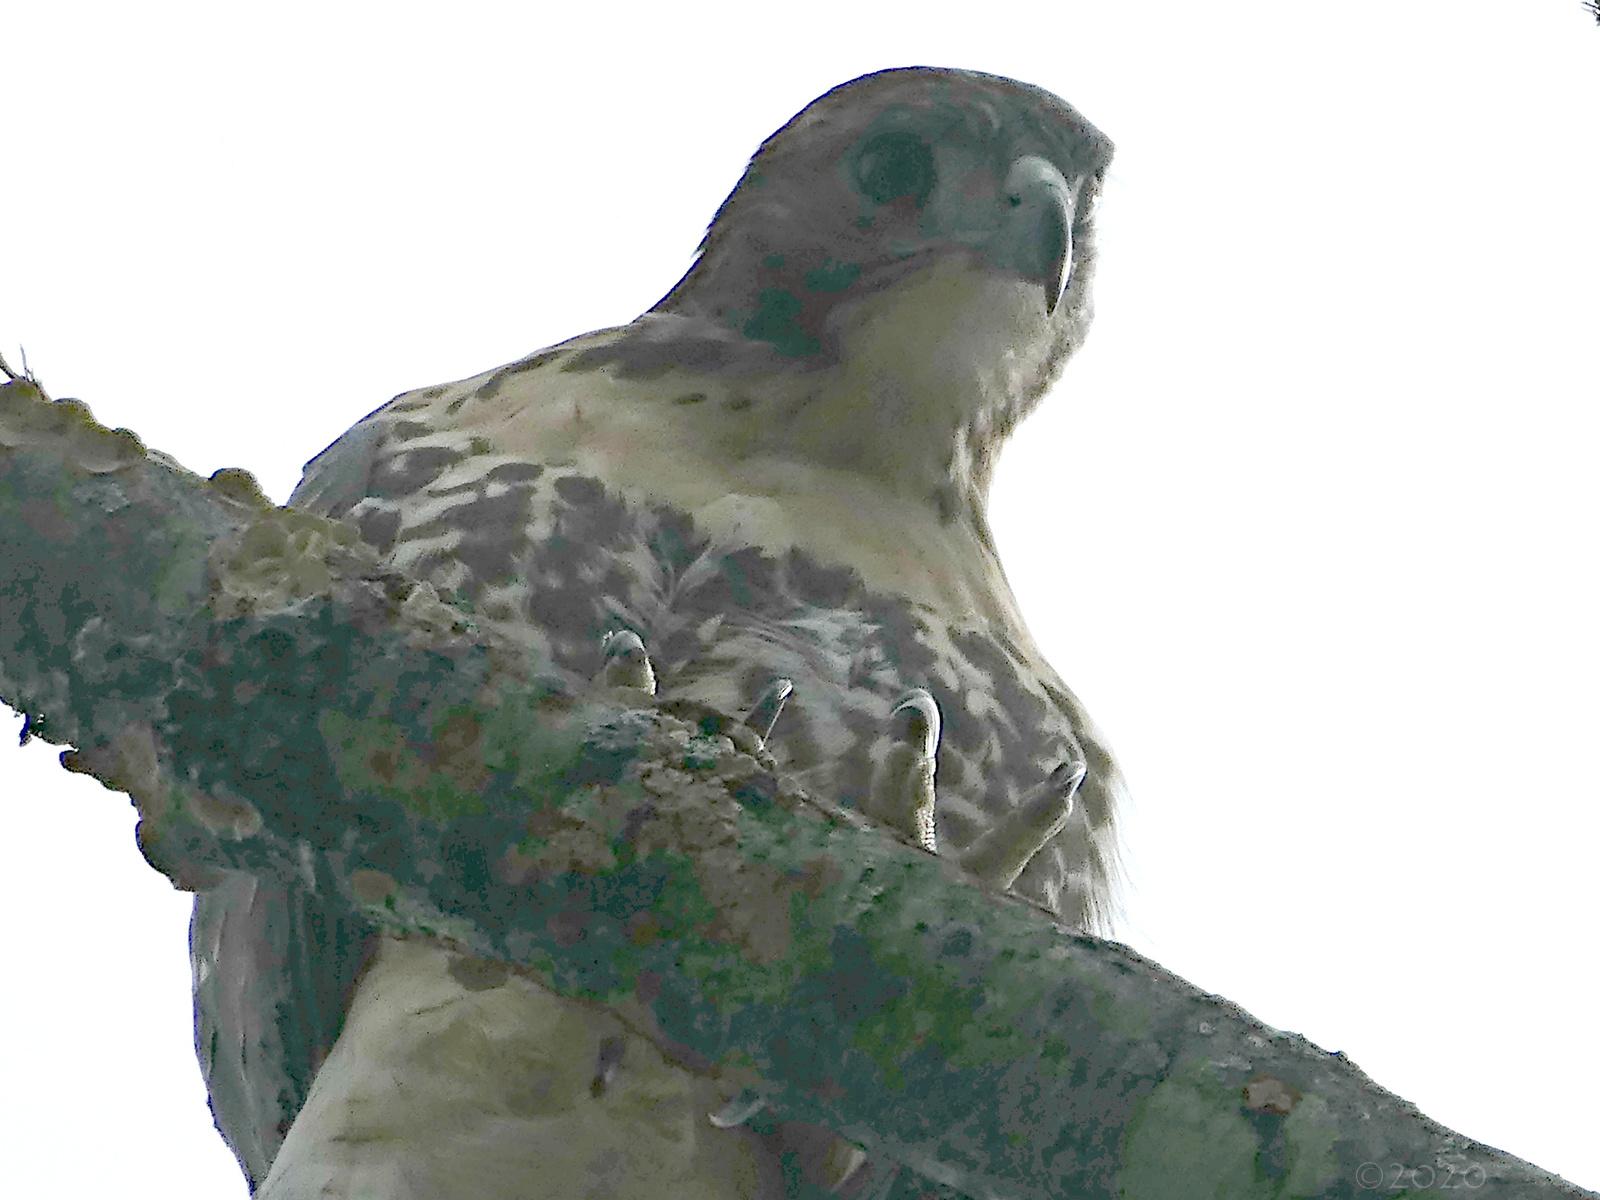 July 6, 2020 - Hawk in Bent Tree